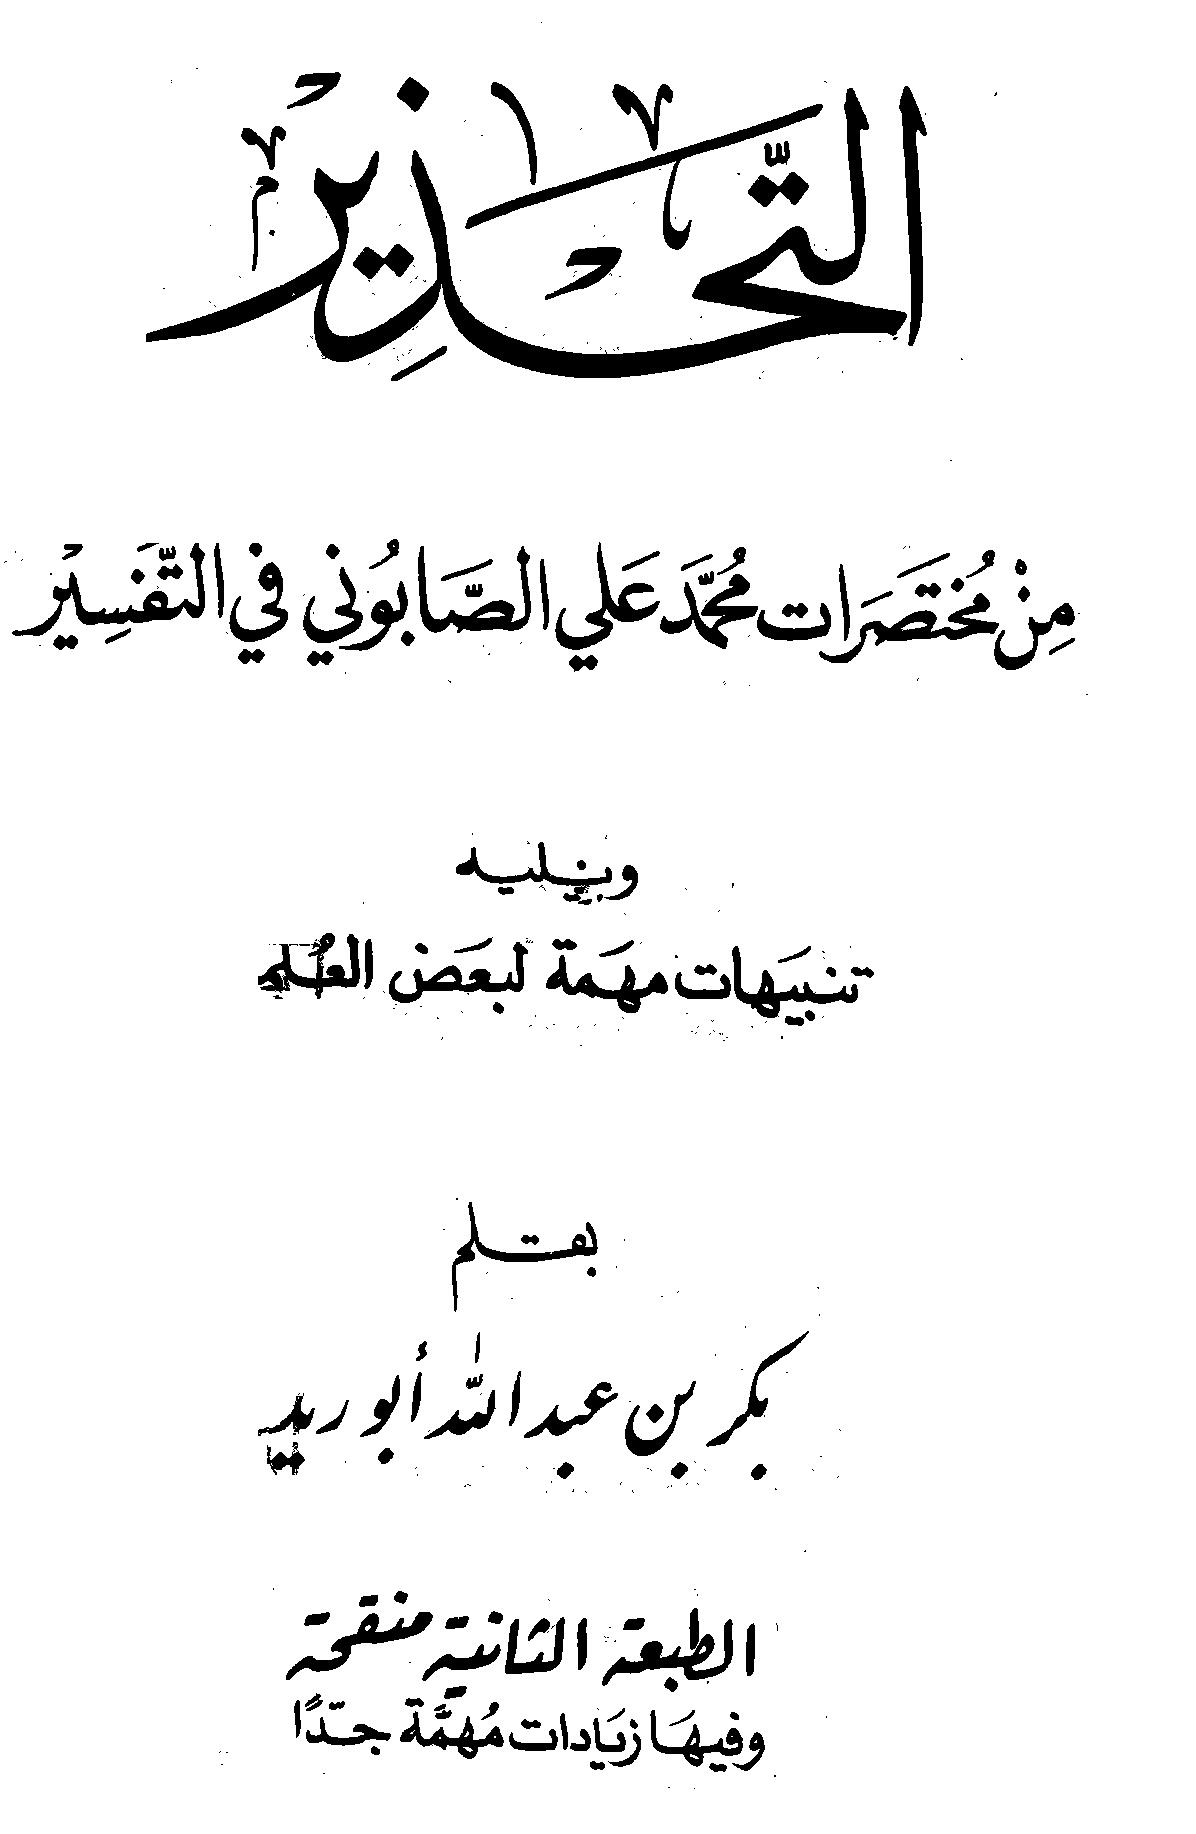 تحميل كتاب التحذير من مختصرات محمد الصابوني في التفسير لـِ: الشيخ بكر بن عبد الله بن محمد بن أبو زيد (ت 1429)